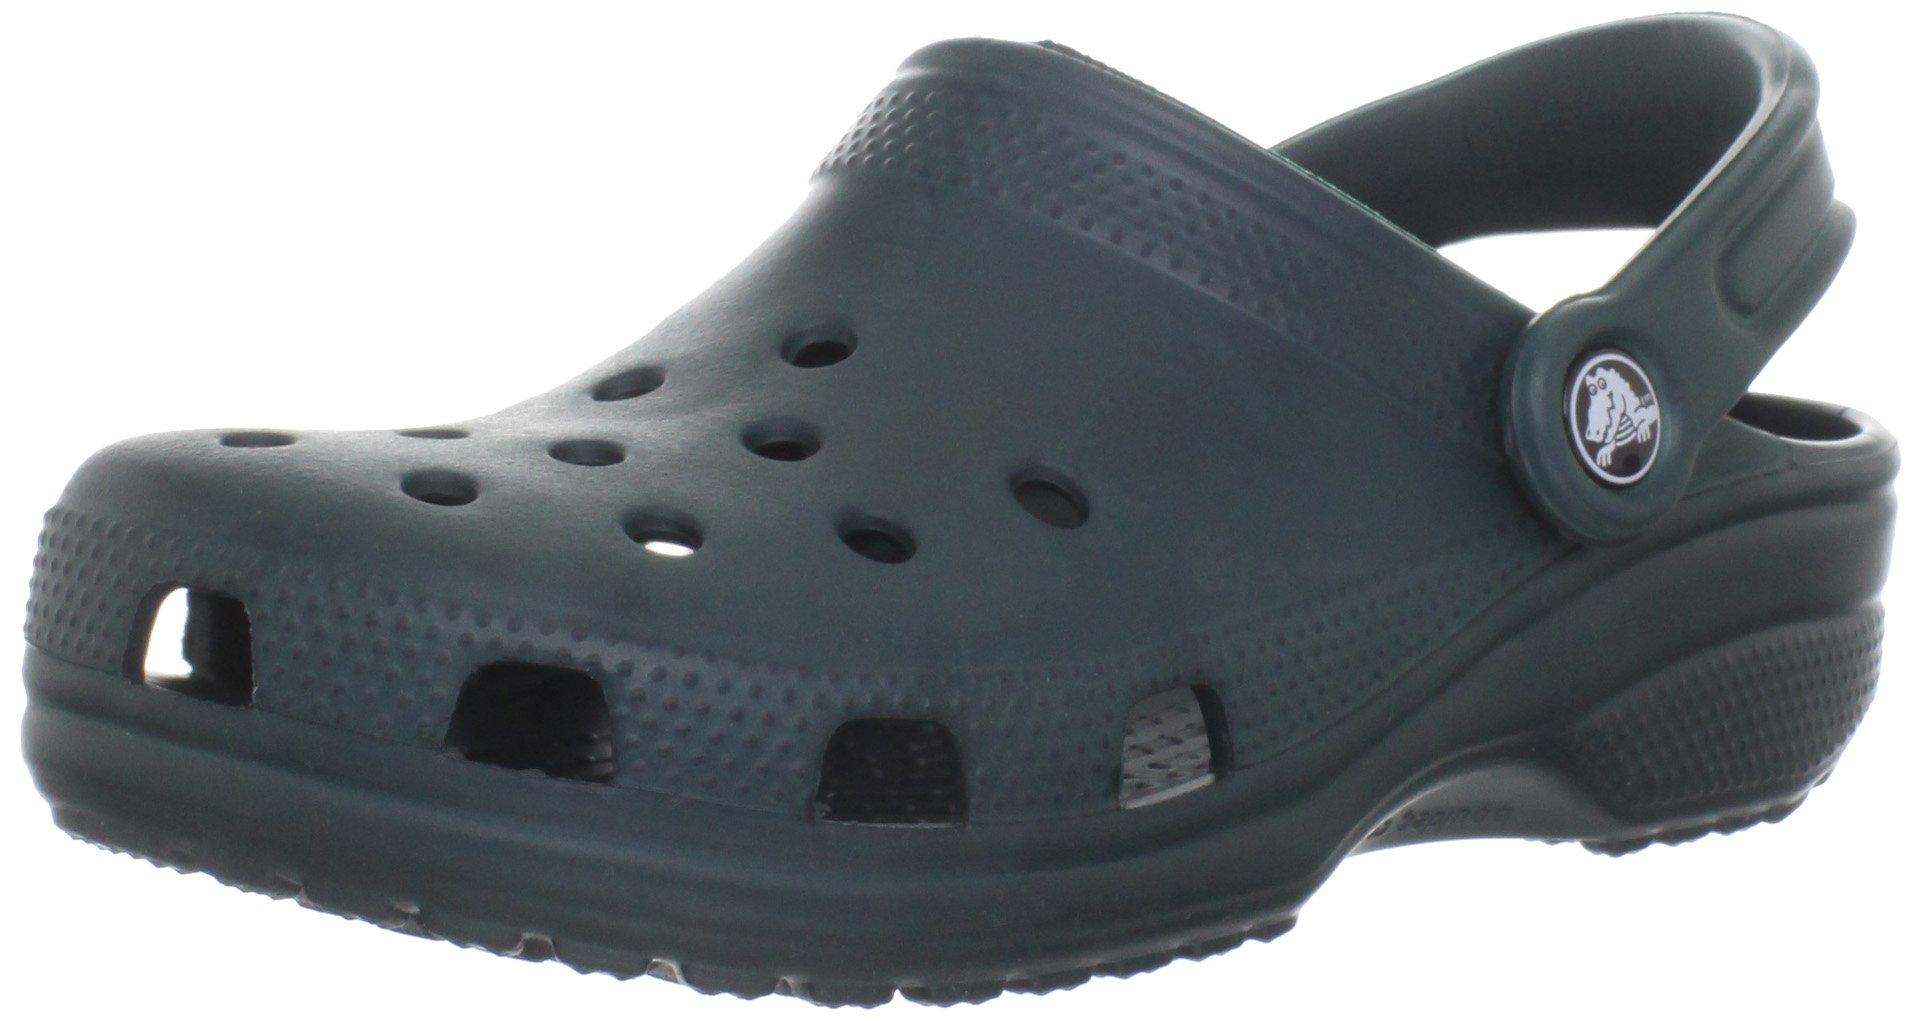 Crocs Classic Clog Adults, Evergreen 9 M US Women / 7 M US Men